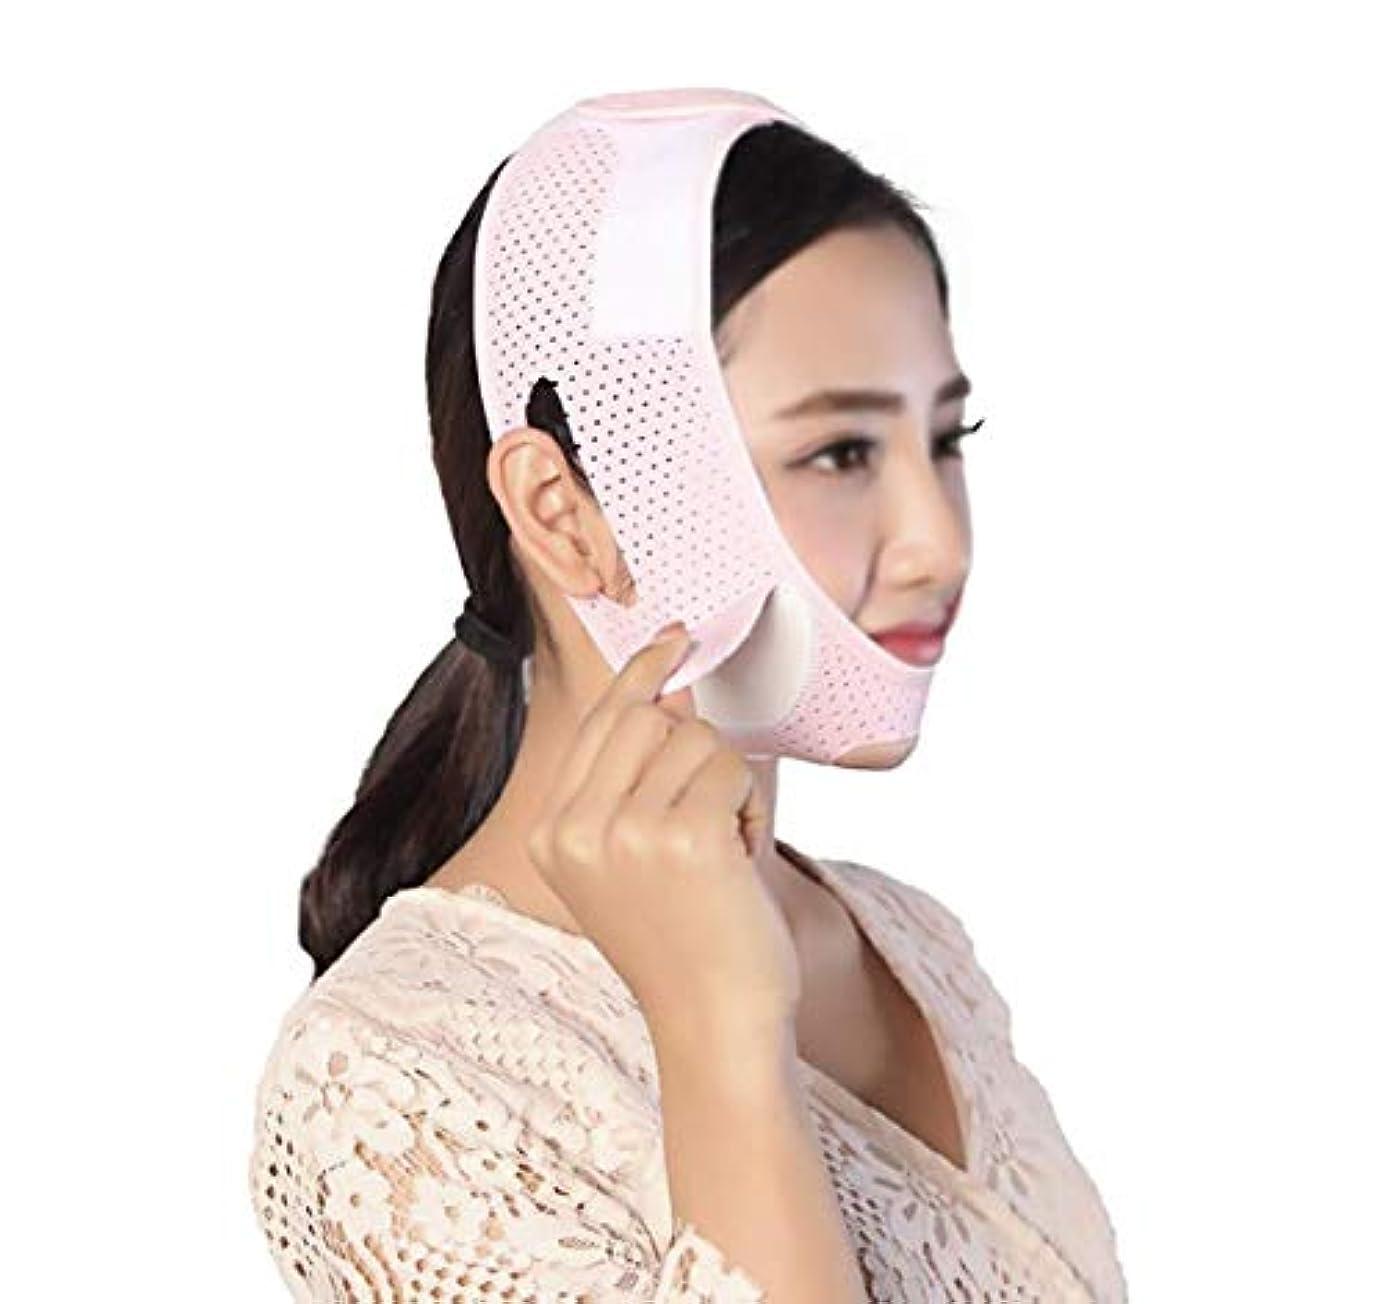 喜び四面体自宅で顔と首を持ち上げる術後弾性セットVフェイスマスクは、チンV顔アーティファクト回復サポートベルトの収縮の調整を強化します。